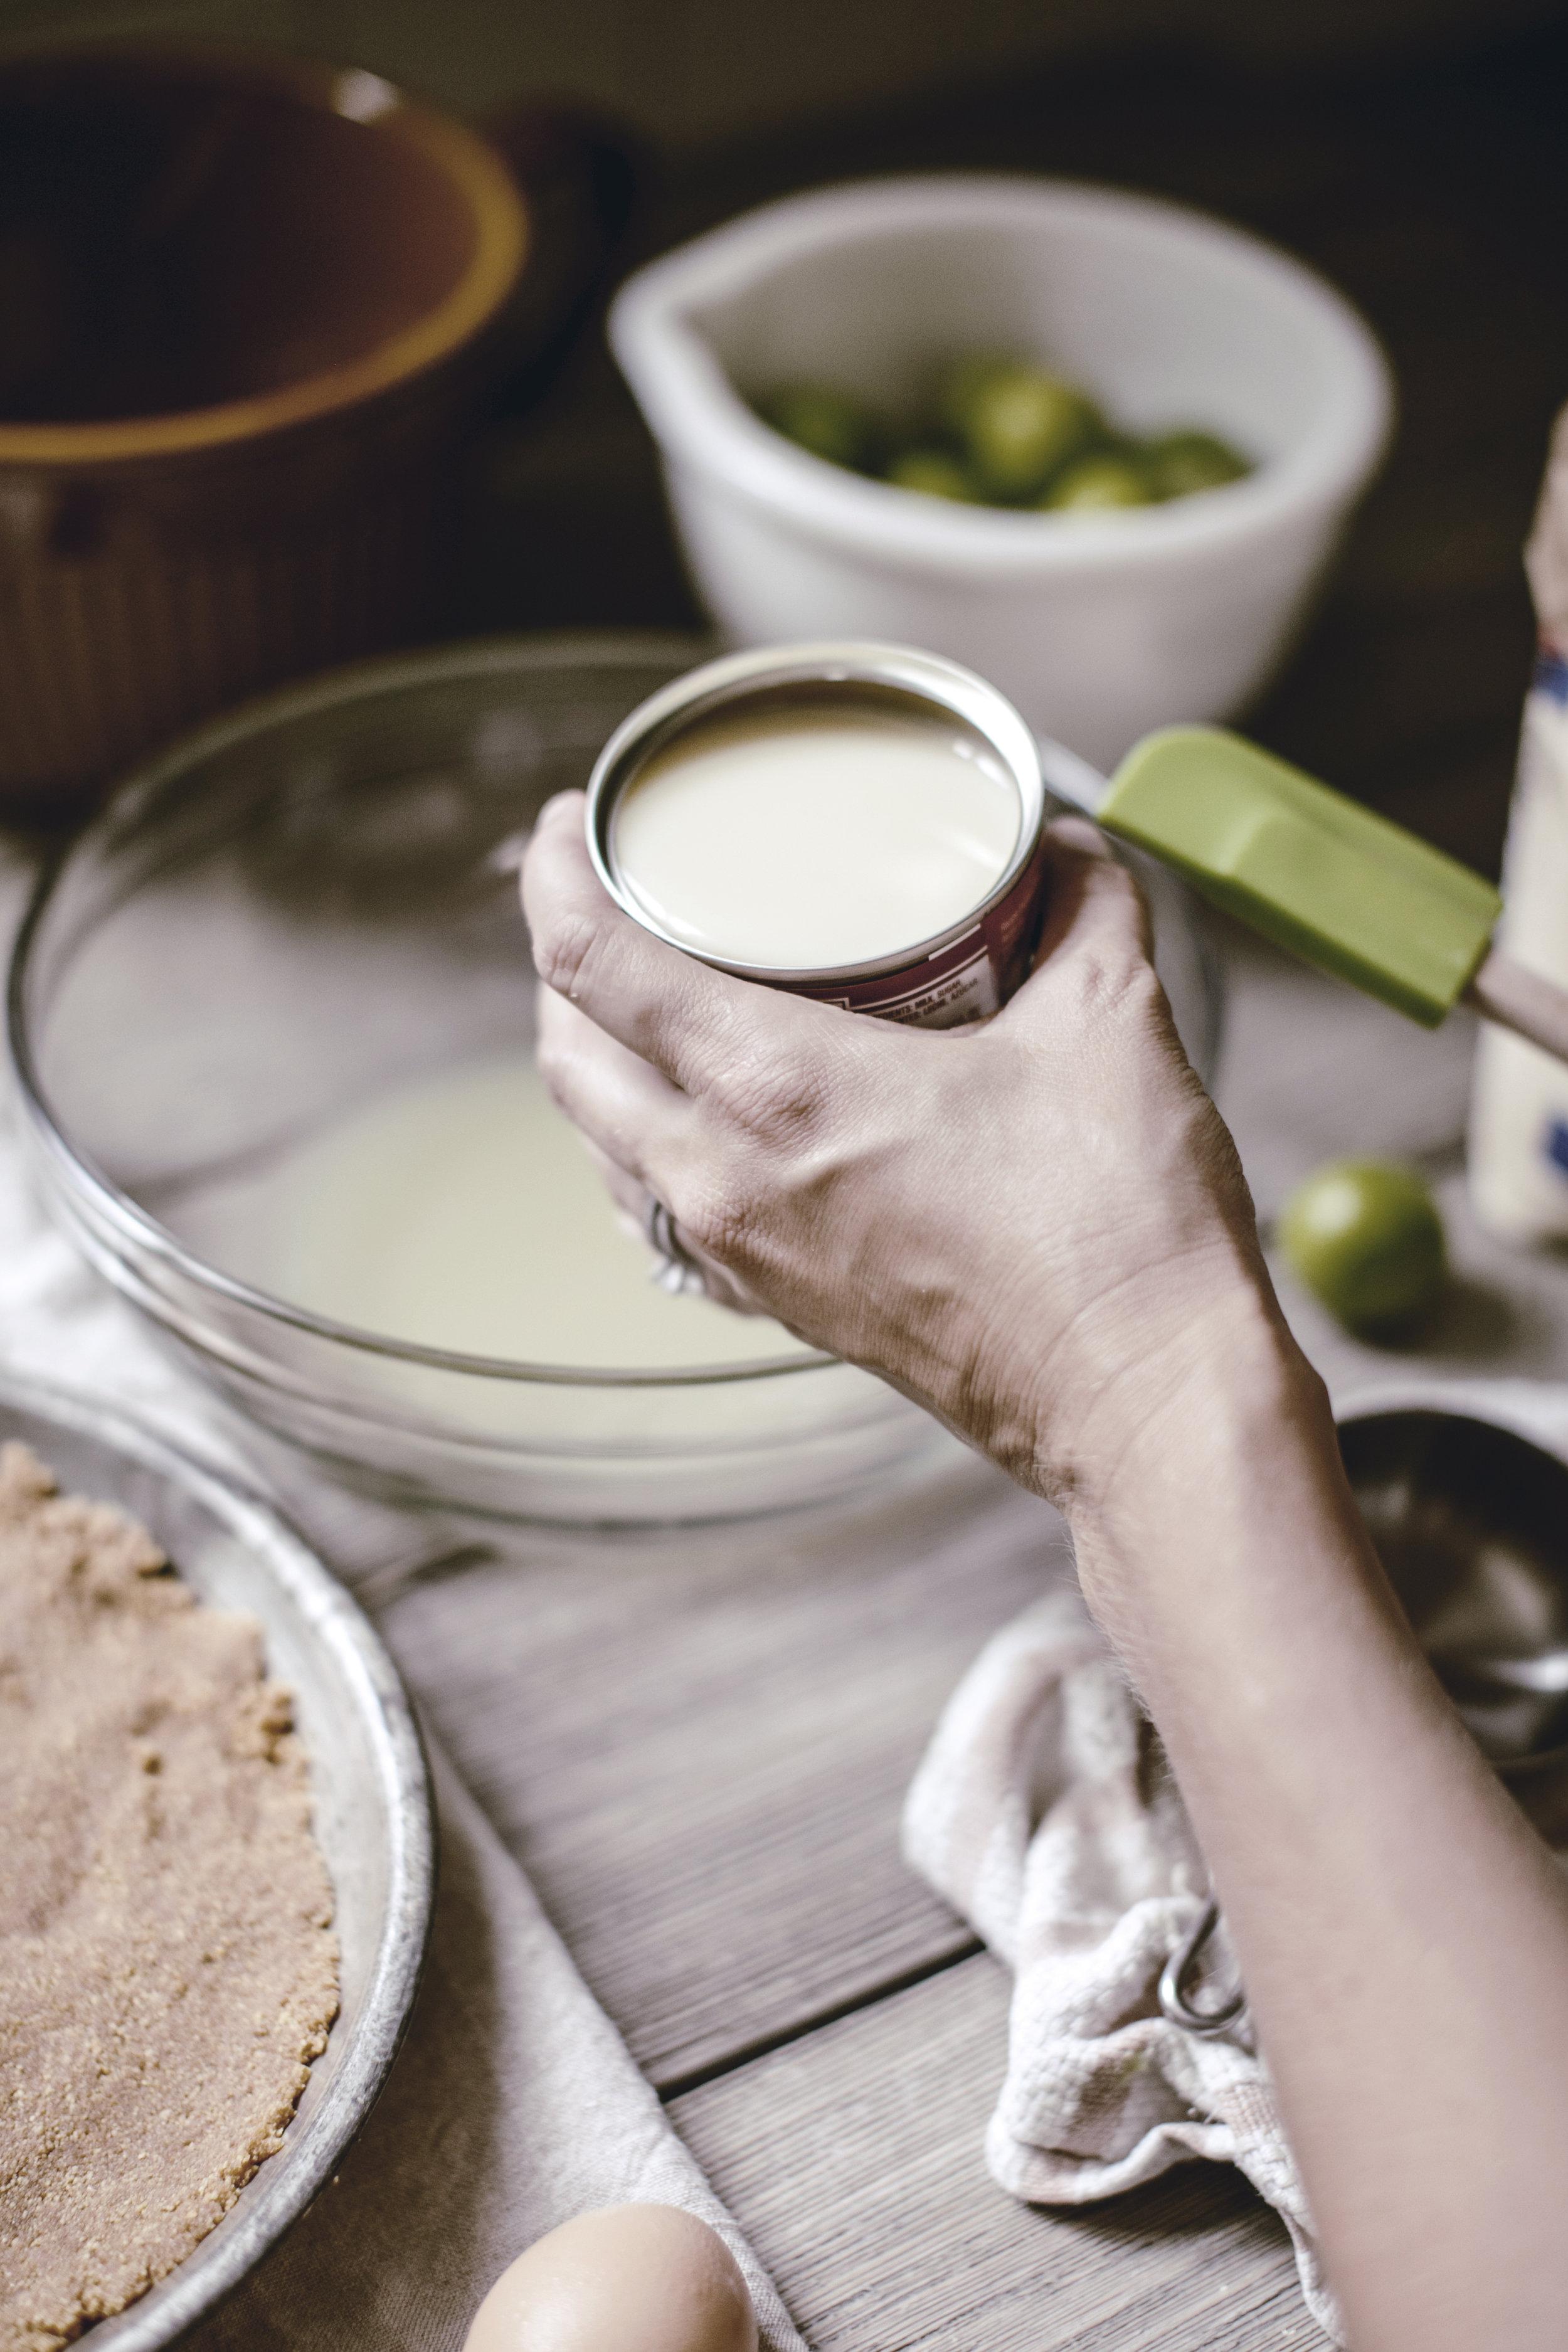 sweetened condensed milk / key lime pie recipe / heirloomed